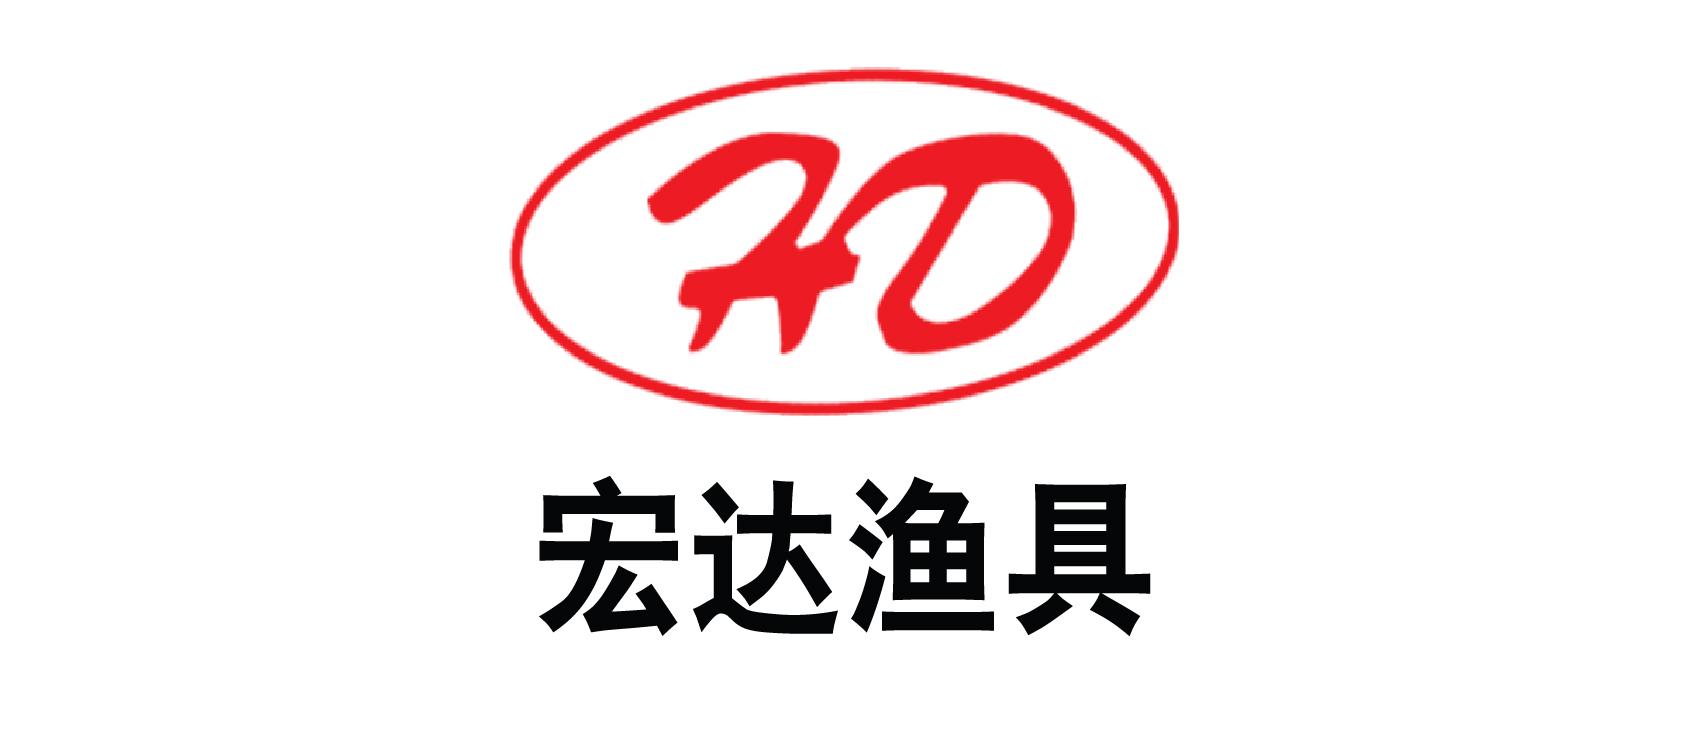 兴化市宏达橡胶渔具厂